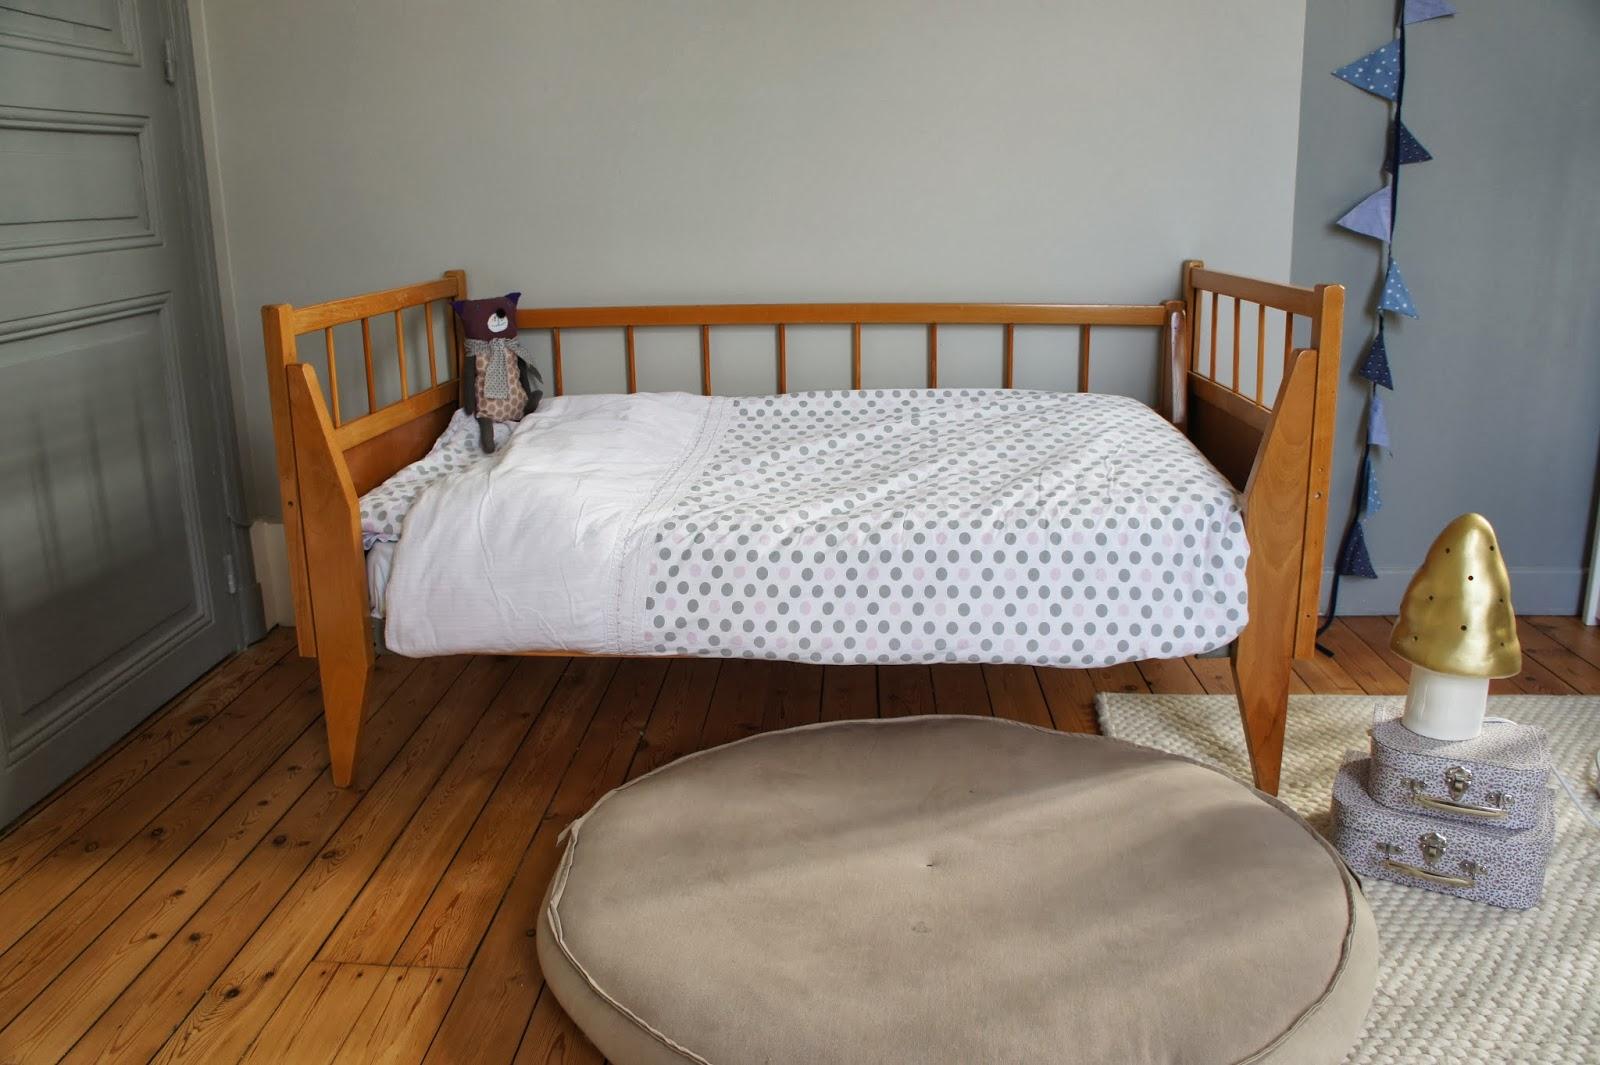 atelier petit toit lit d 39 enfant vintage fev 2013. Black Bedroom Furniture Sets. Home Design Ideas